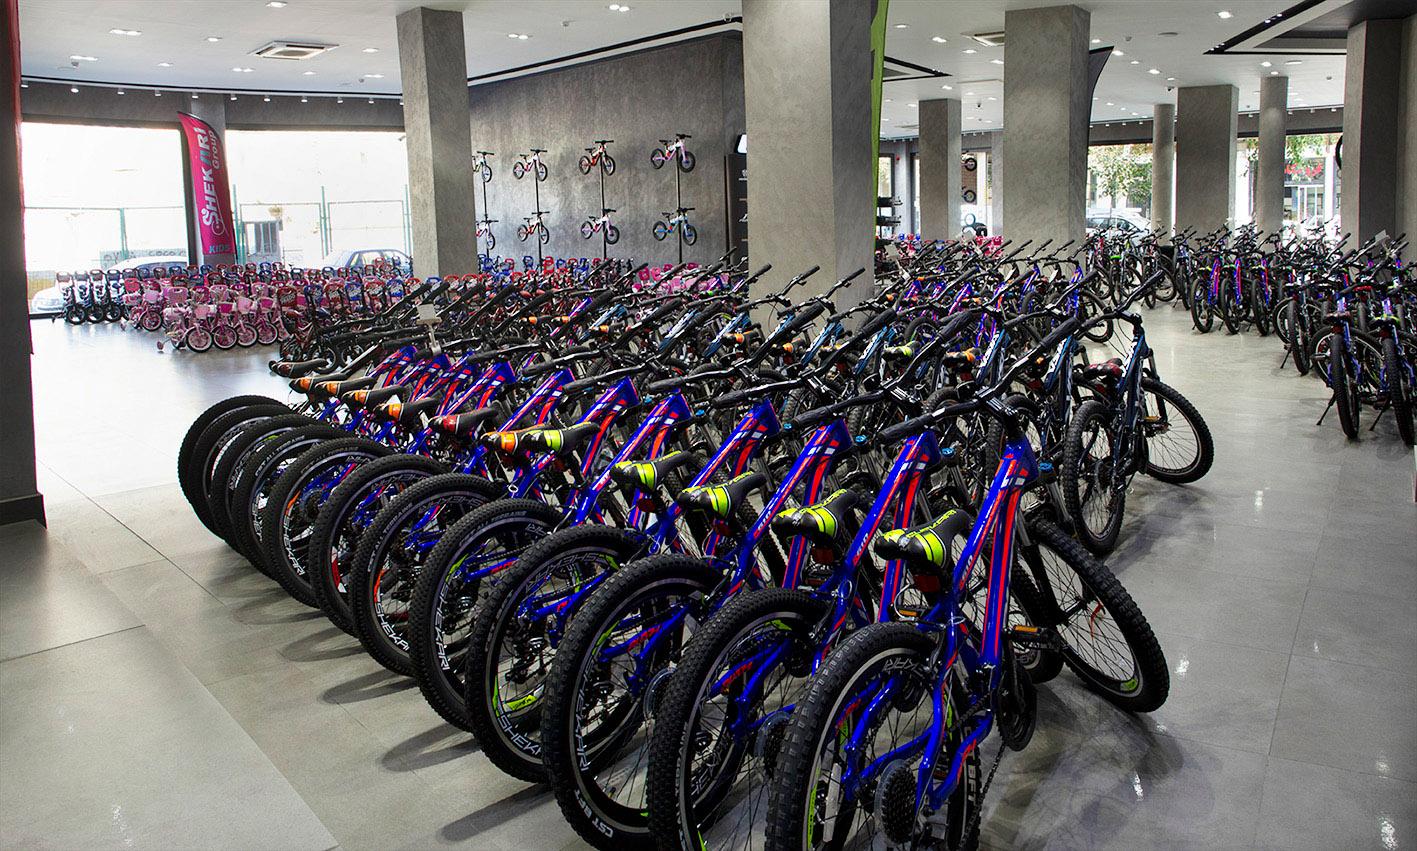 تصویر نمایندگی فروشگاه دوچرخه گروه شکاری